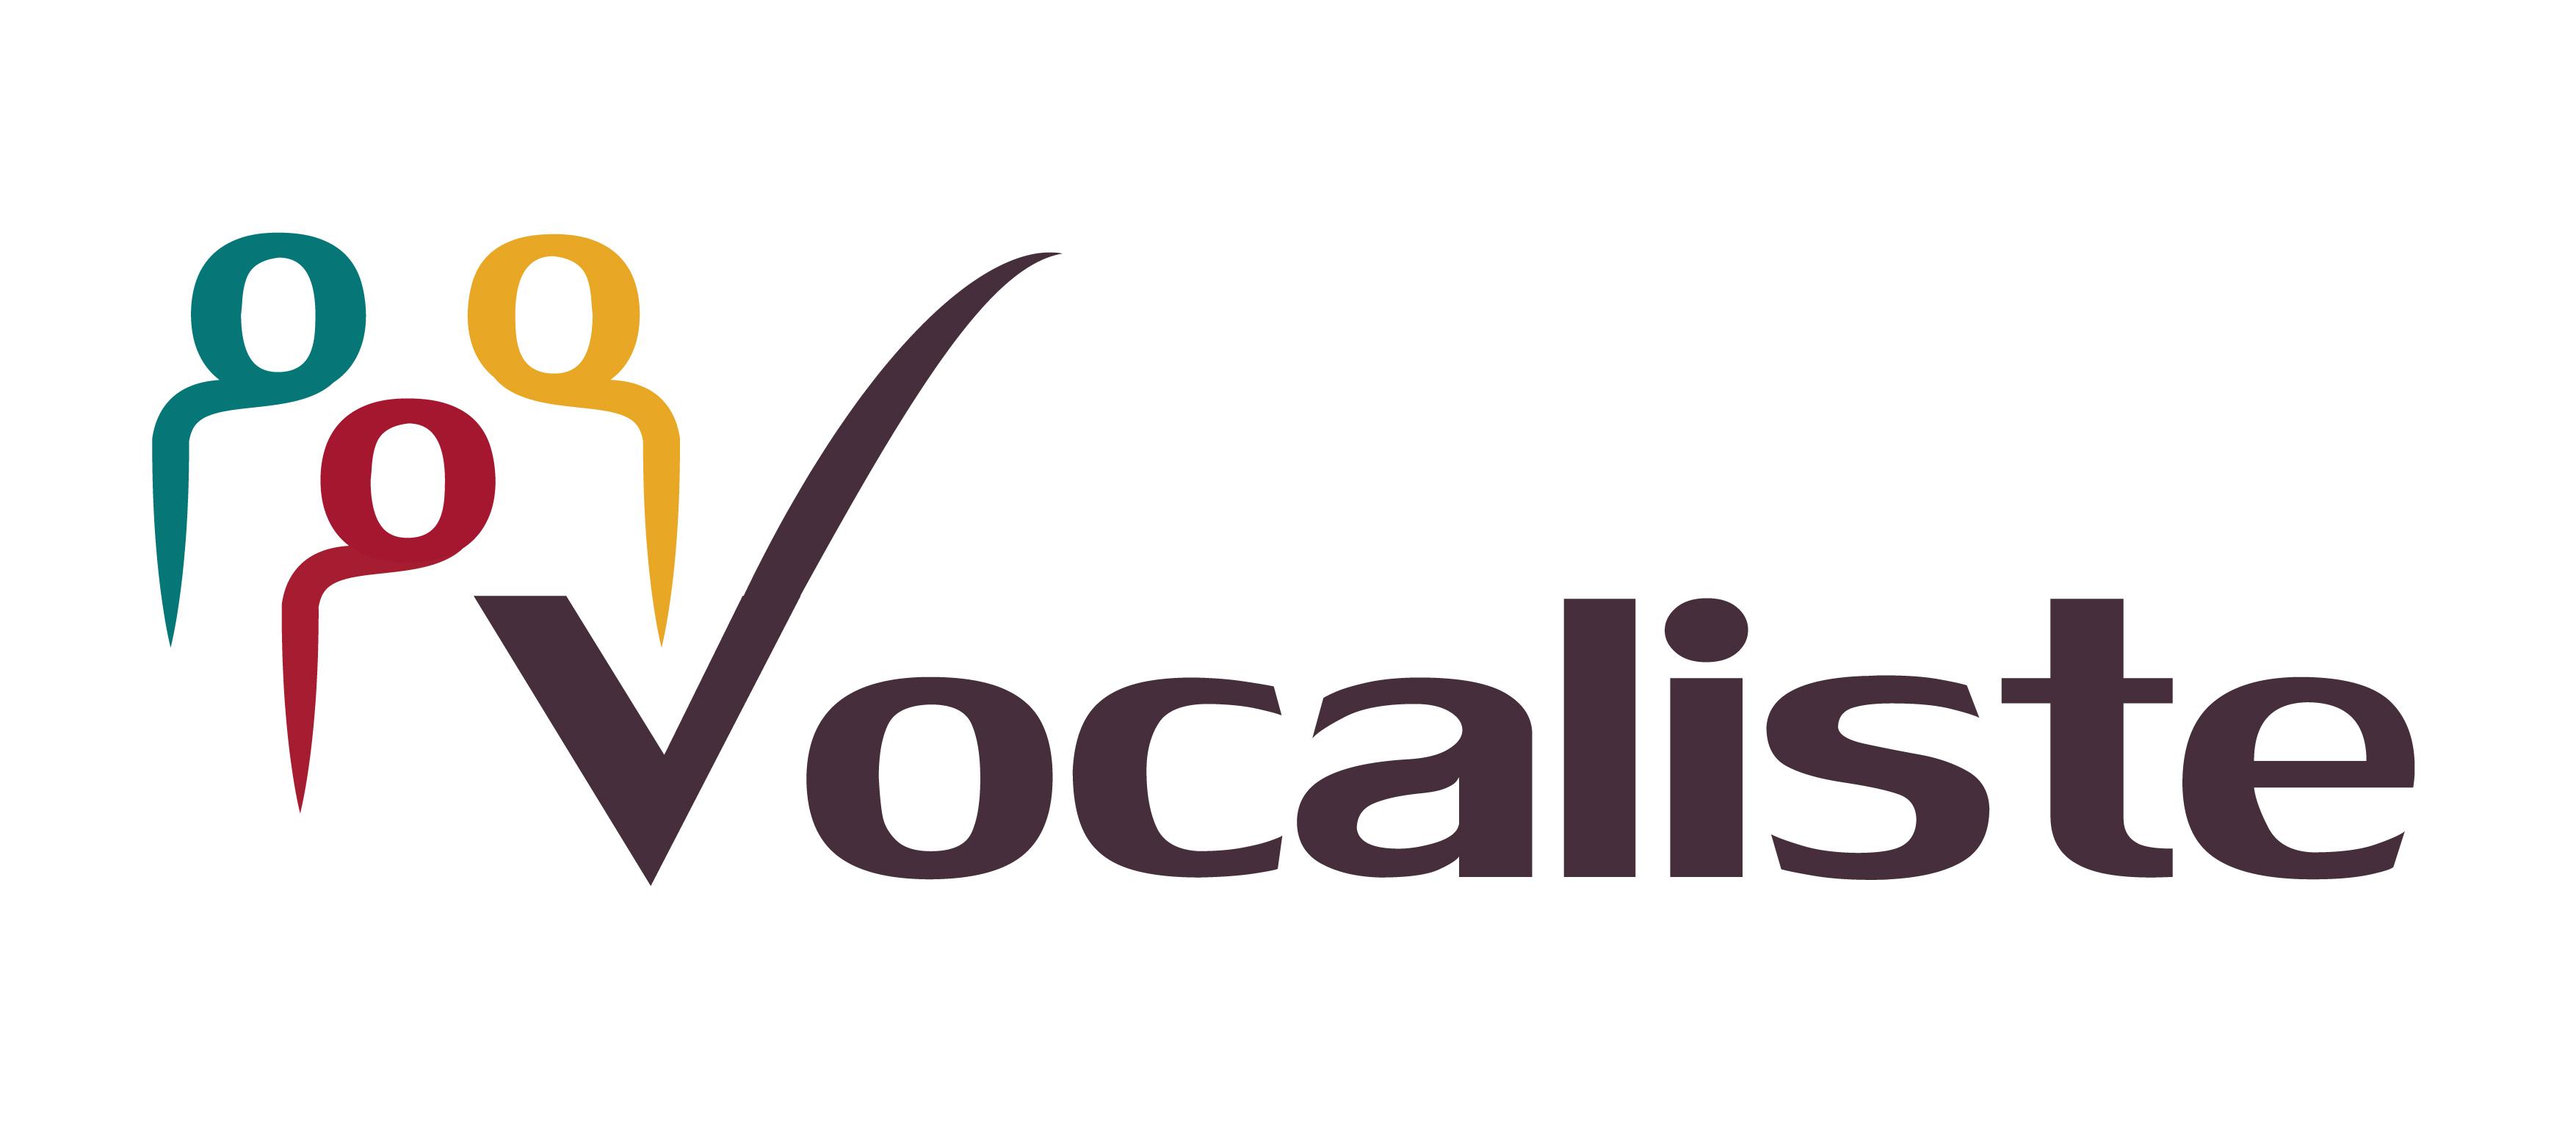 Kleinkoor Vocaliste